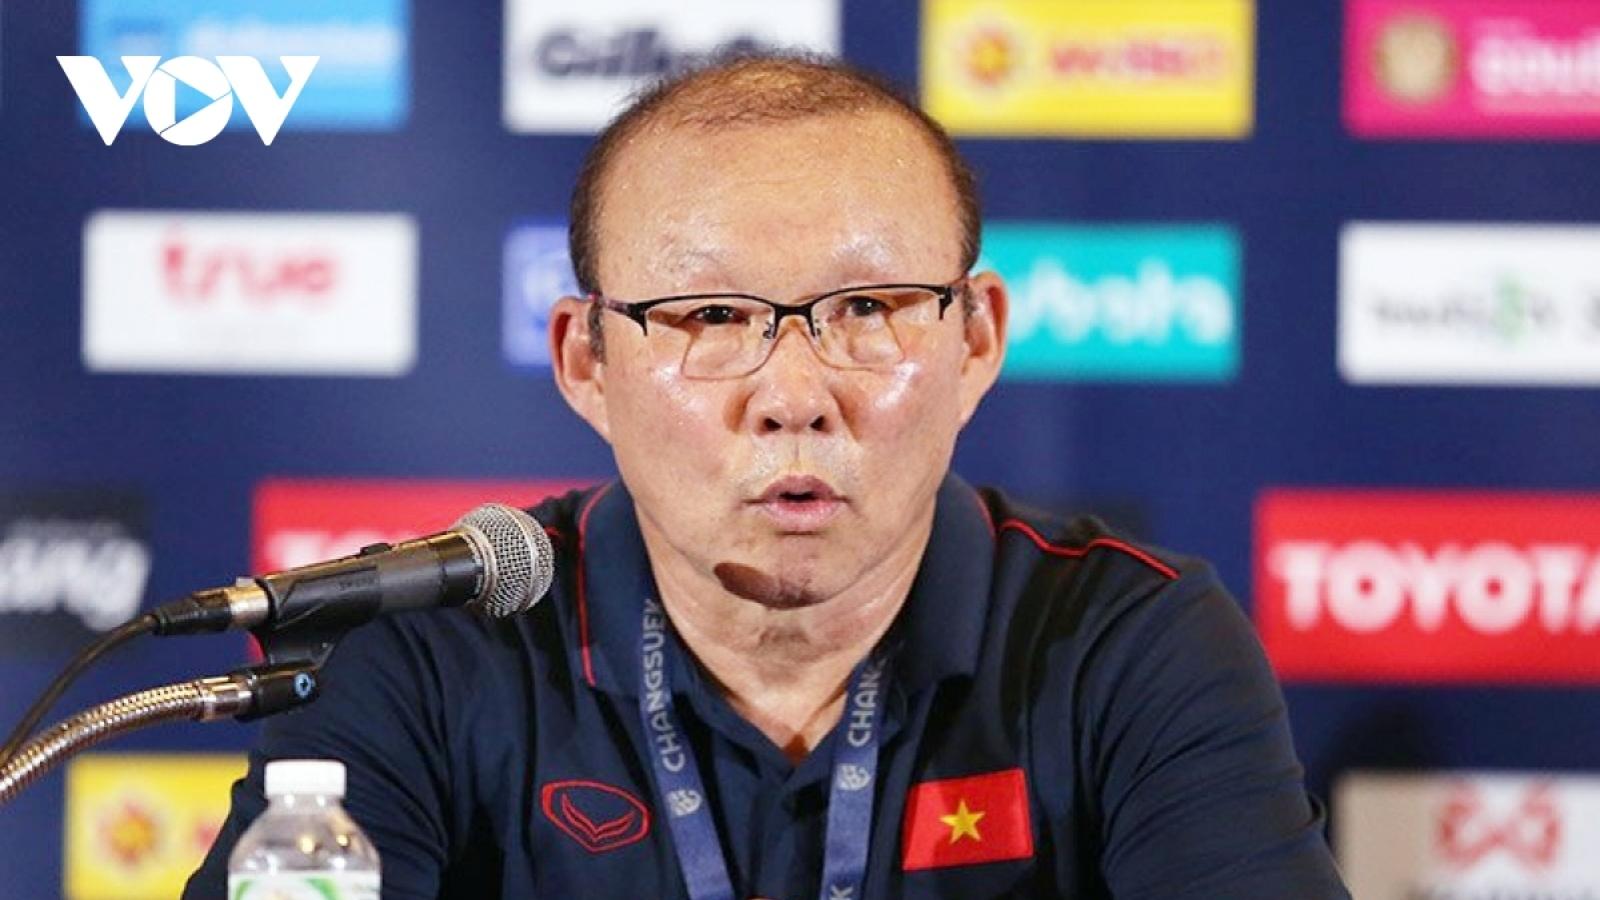 Góc BLV: HLV Park rất nhiều bài, ĐT Việt Nam sẽ bắt ĐT Malaysia phải khuất phục